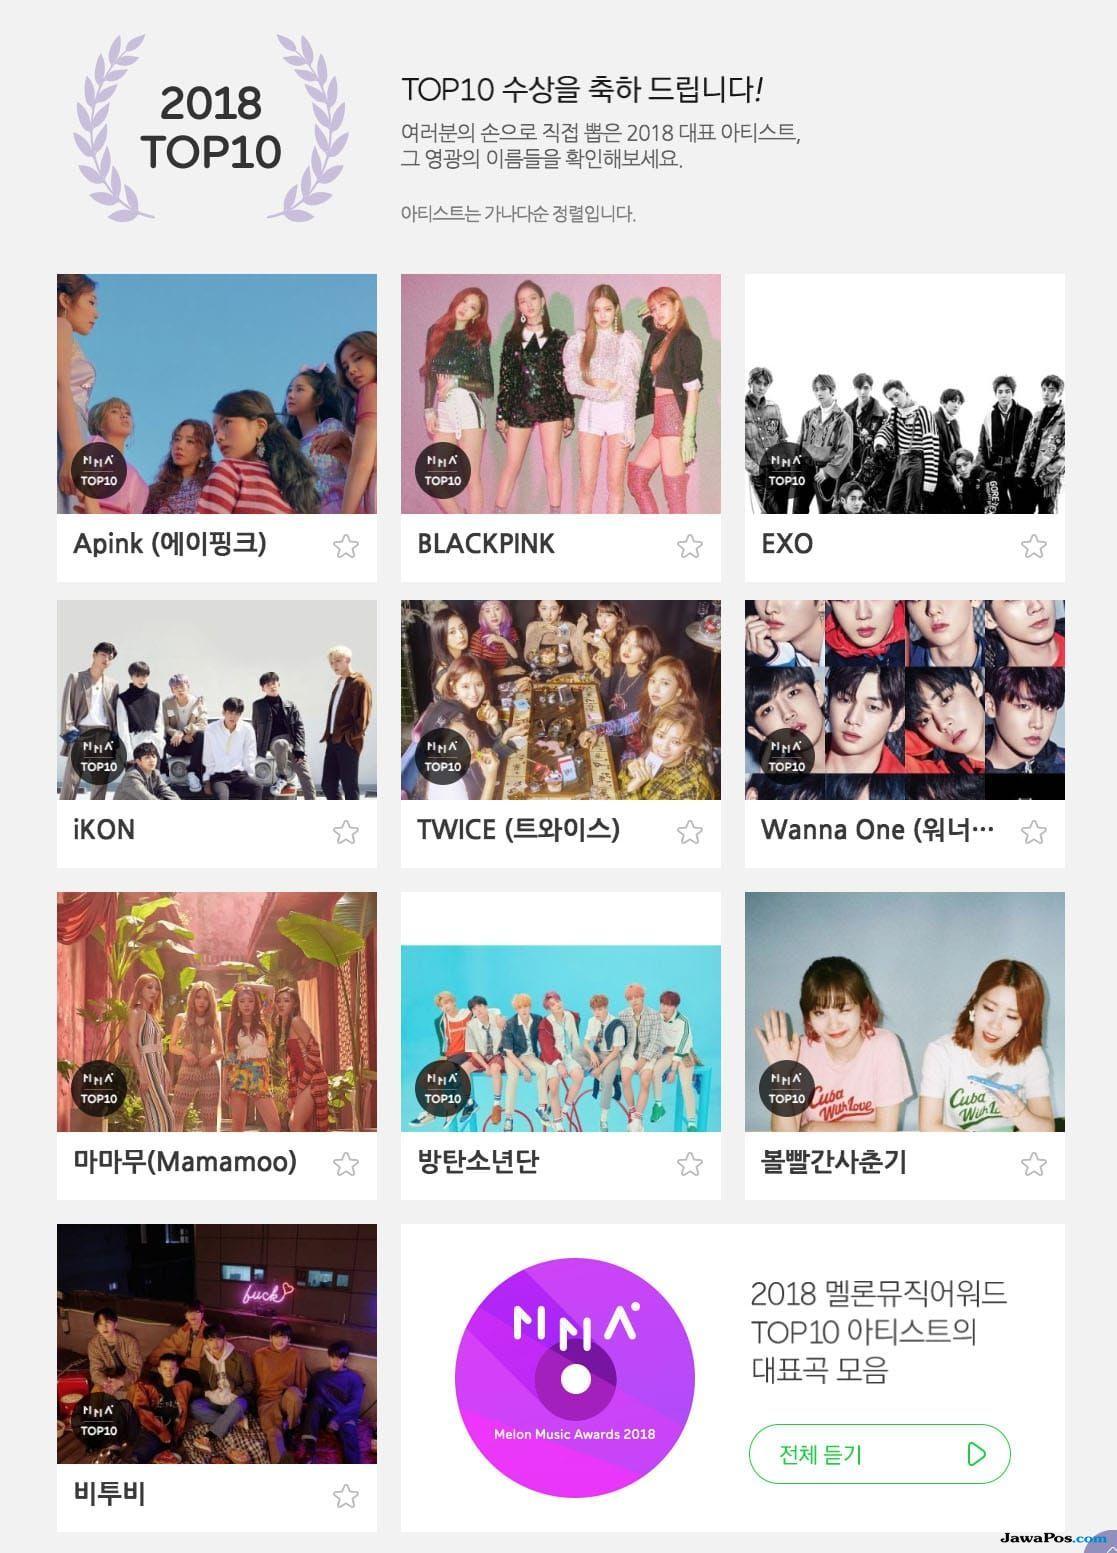 Ini Dia Pemenang 'Top 10 Artist' di Melon Music Awards 2018